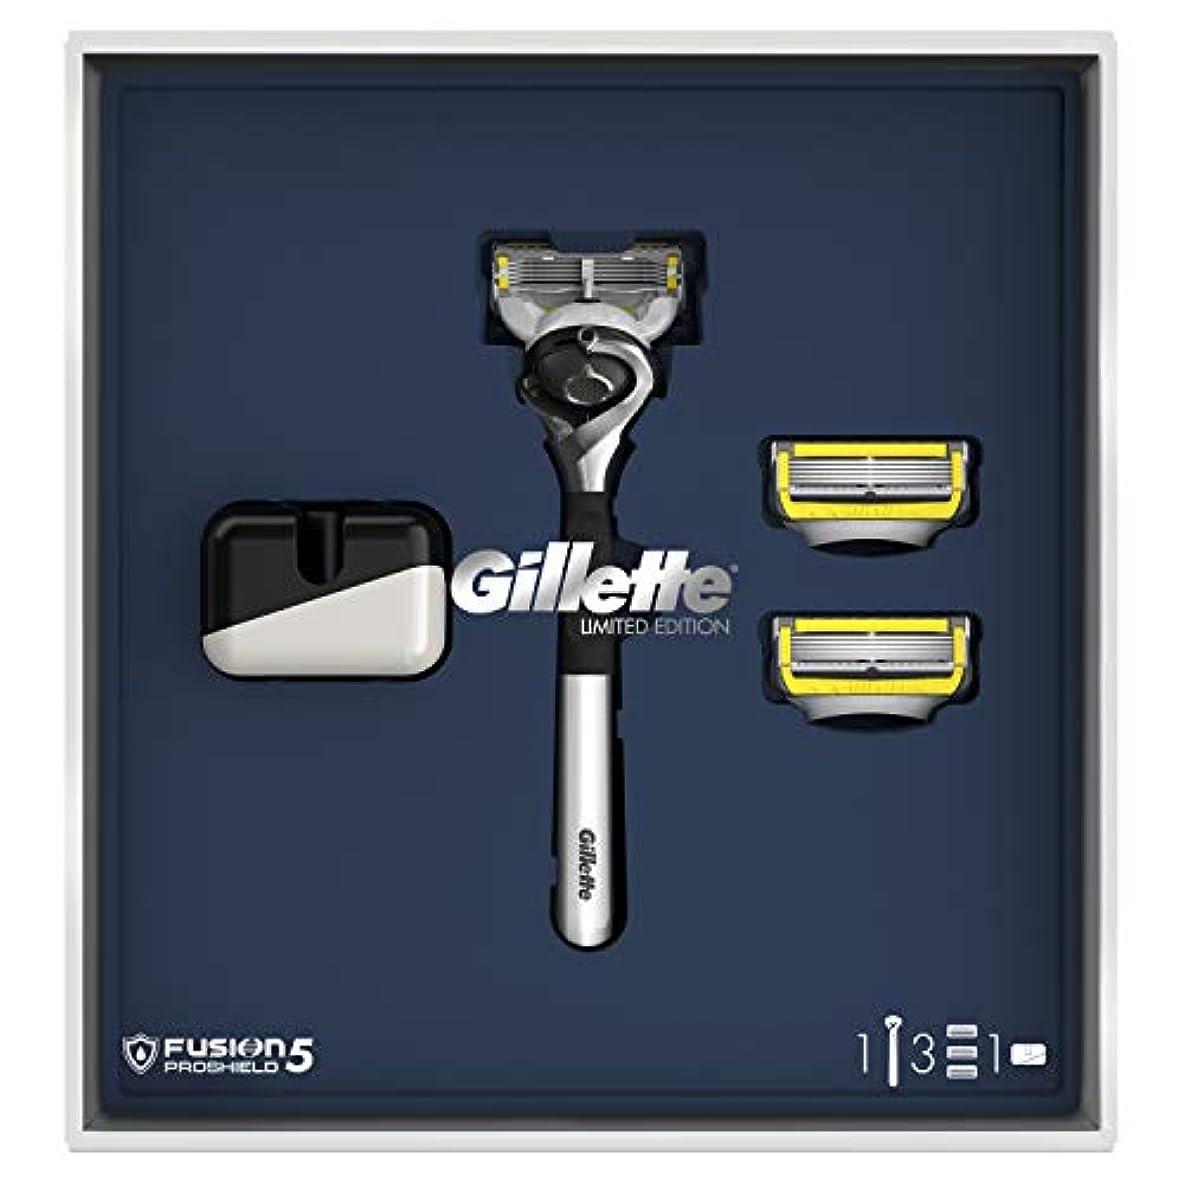 変化吹きさらし行くジレット プロシールド 髭剃り本体+替刃3個 オリジナルスタンド付 スペシャルパッケージ